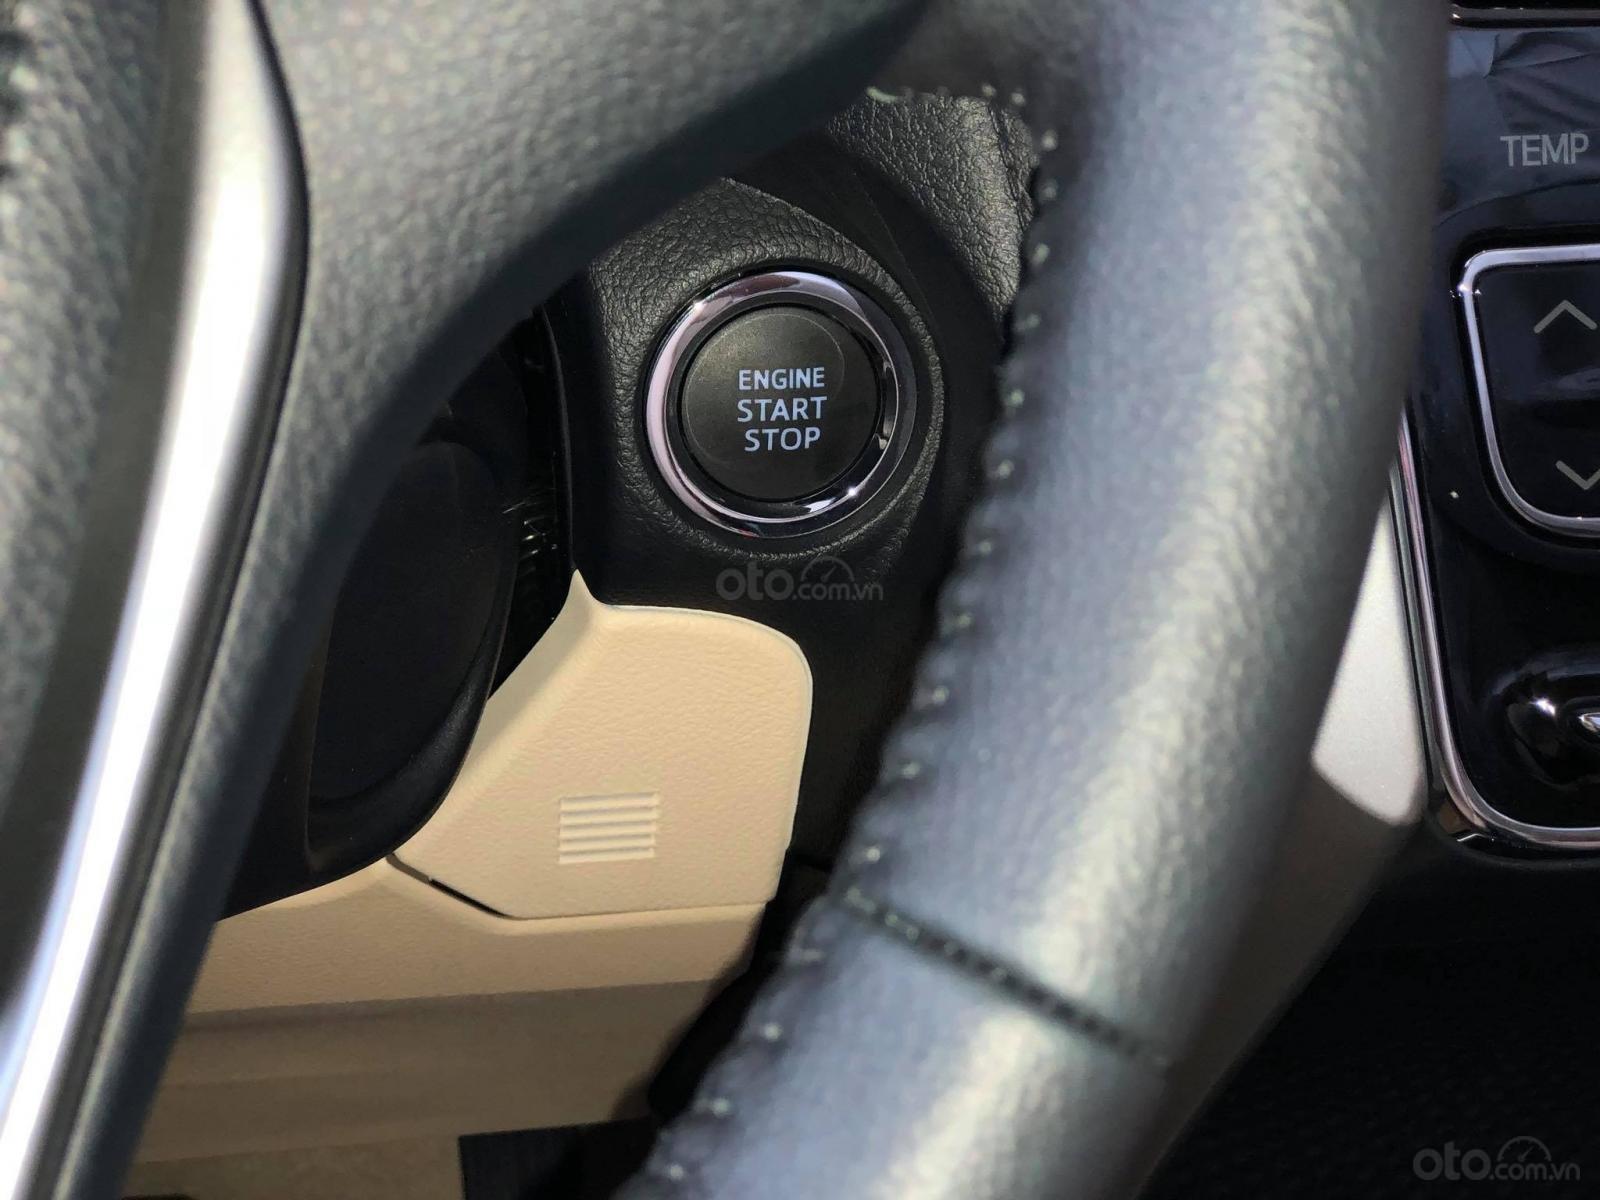 Bán nhanh chiếc xe Toyota Vios 1.5G CVT - 2019 với giá cạnh tranh nhất thị trường (11)